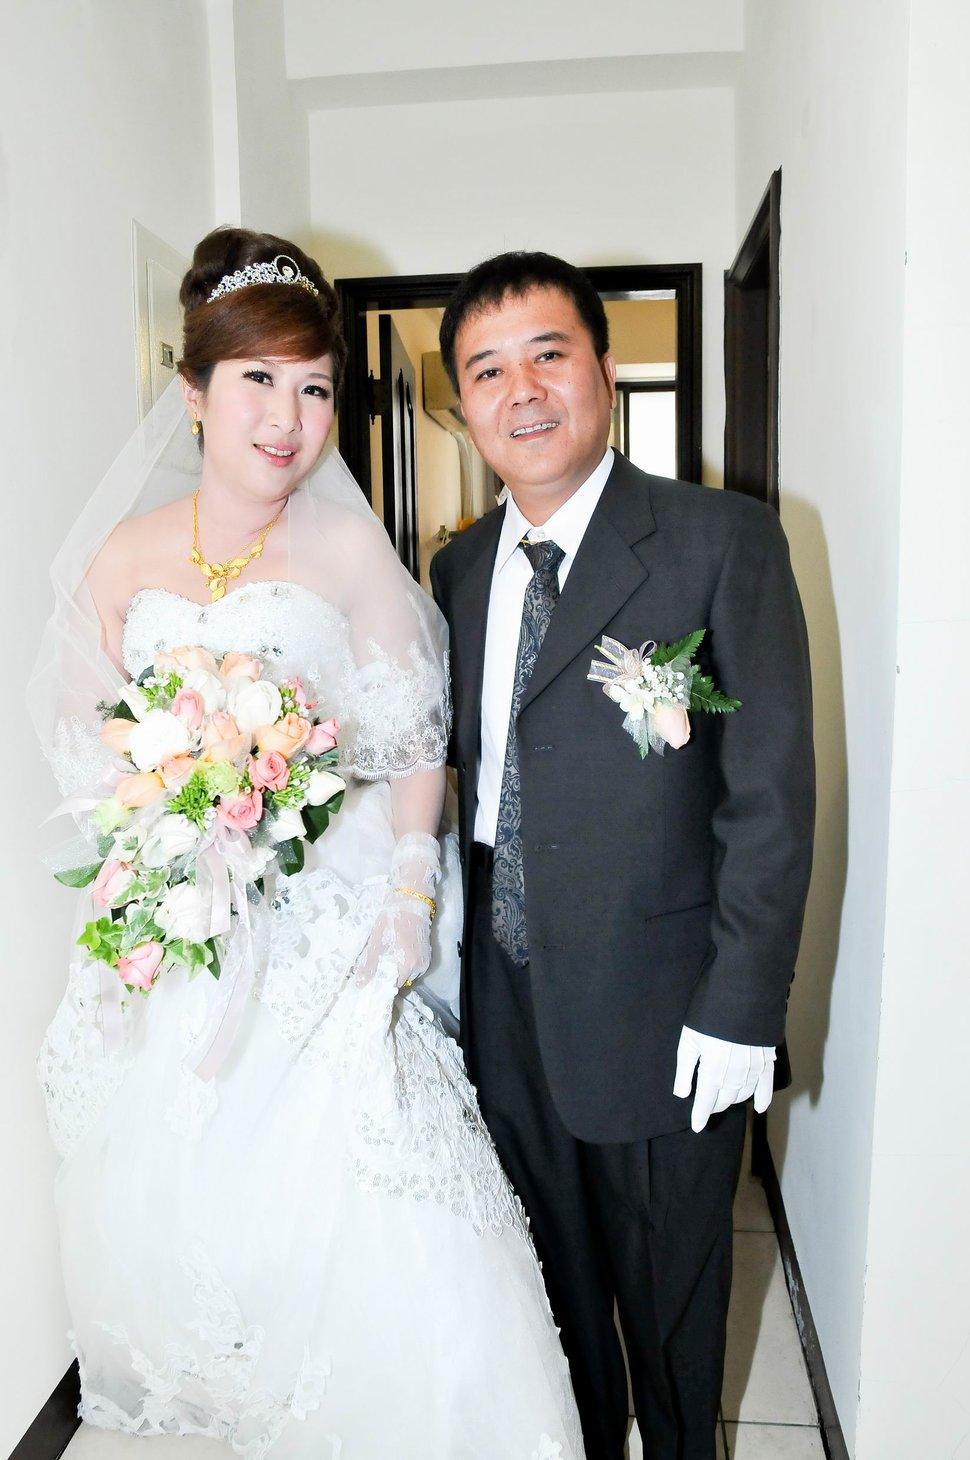 專業婚攝婚禮紀錄婚禮紀錄專業錄影婚禮錄影婚禮記錄動態微電影錄影專業錄影平面攝影婚攝婚禮主持人(編號:280426) - 蜜月拍照10800錄影12800攝影團隊 - 結婚吧